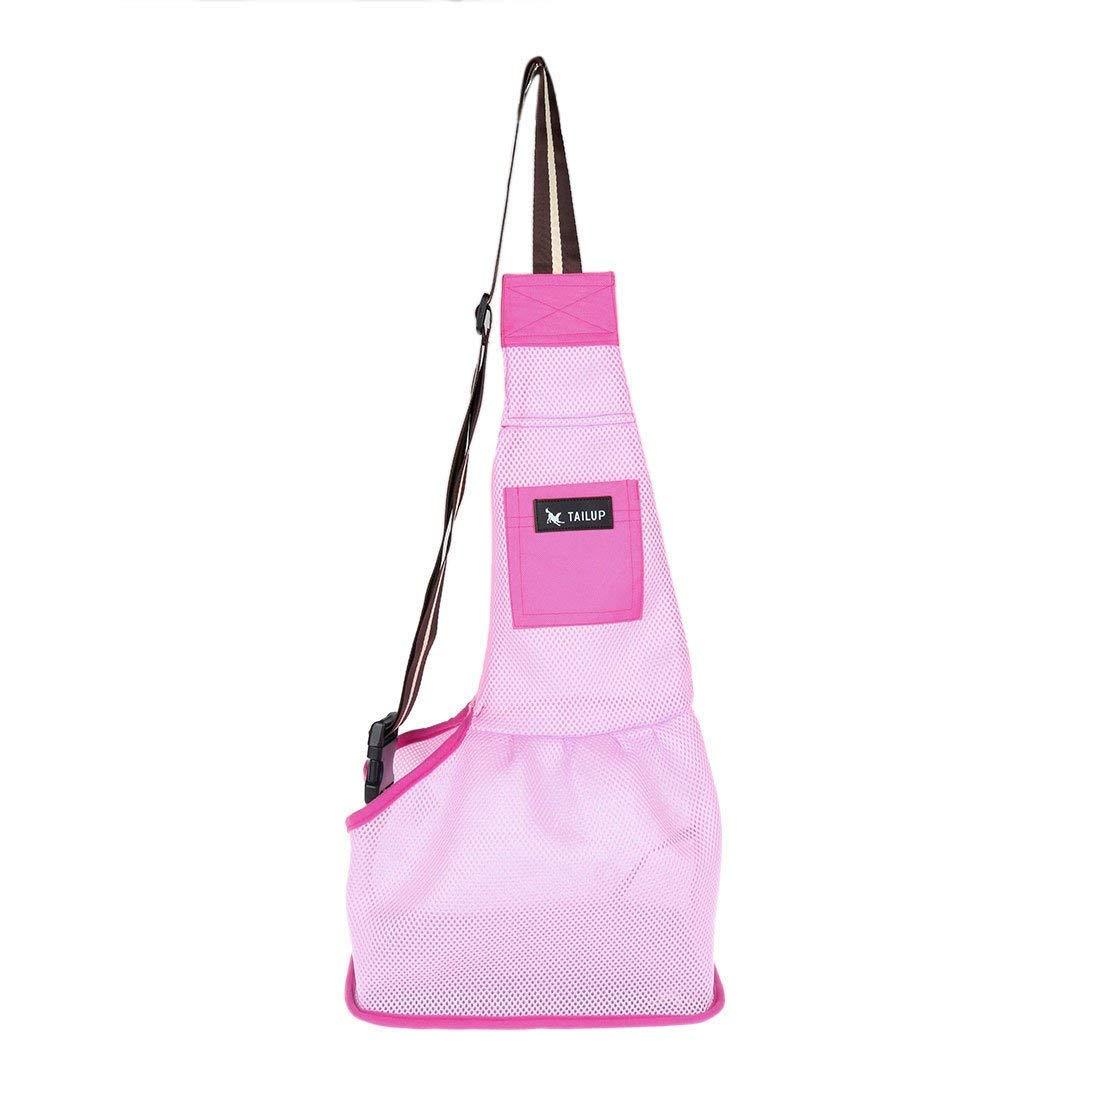 1Pc L, Pink   Pet Dog Cat Front Backpack Travel Single Shoulder Carrier Bag with Pocket